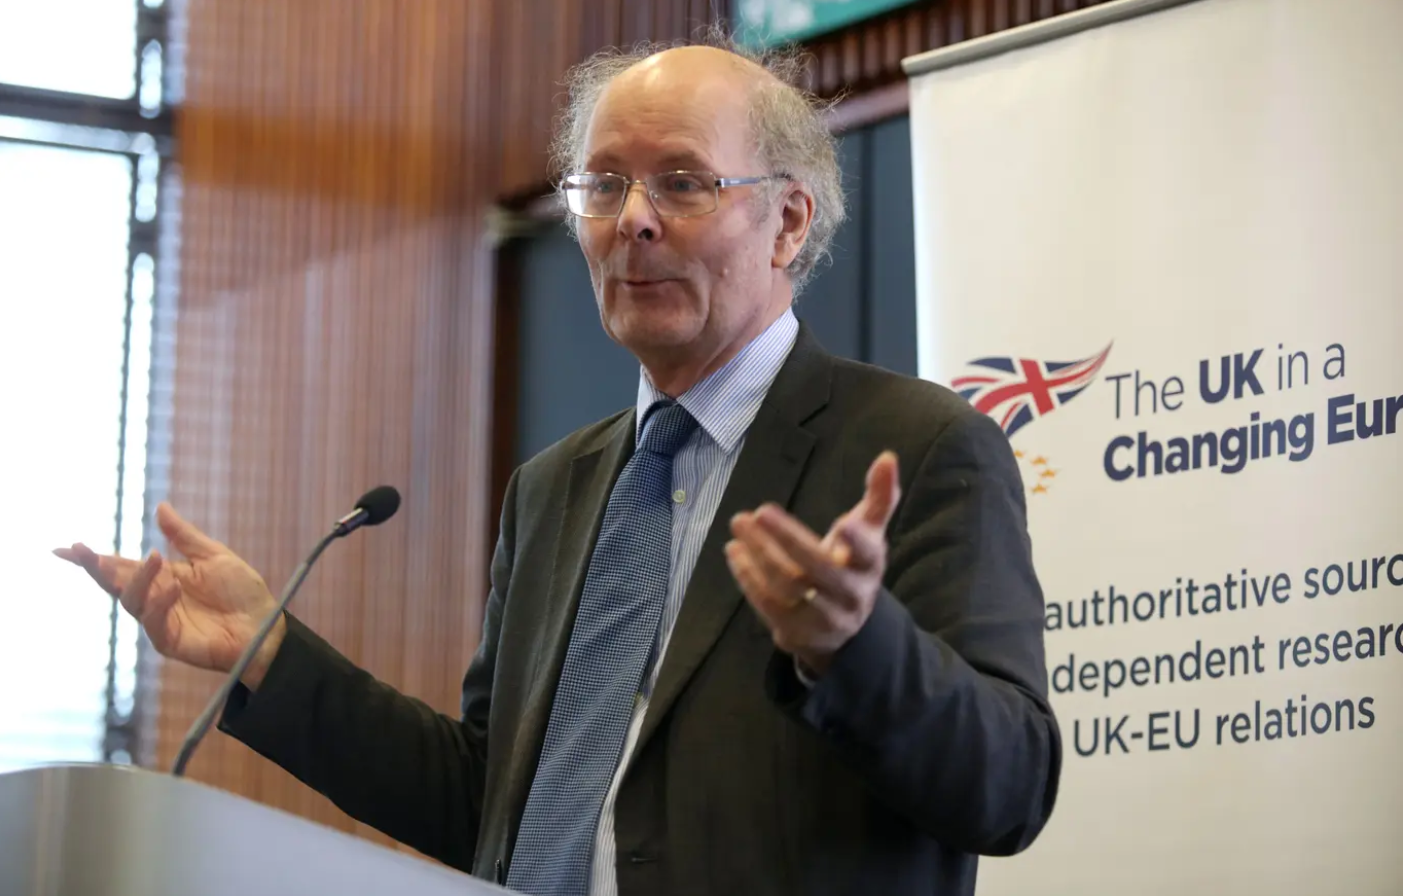 جادل المفكر السياسي العمالي جون كيرتس ضد فكرة إعادة تموضع الطبقات سياسيّاً لكن بريكست غيّر تلك الأفكار